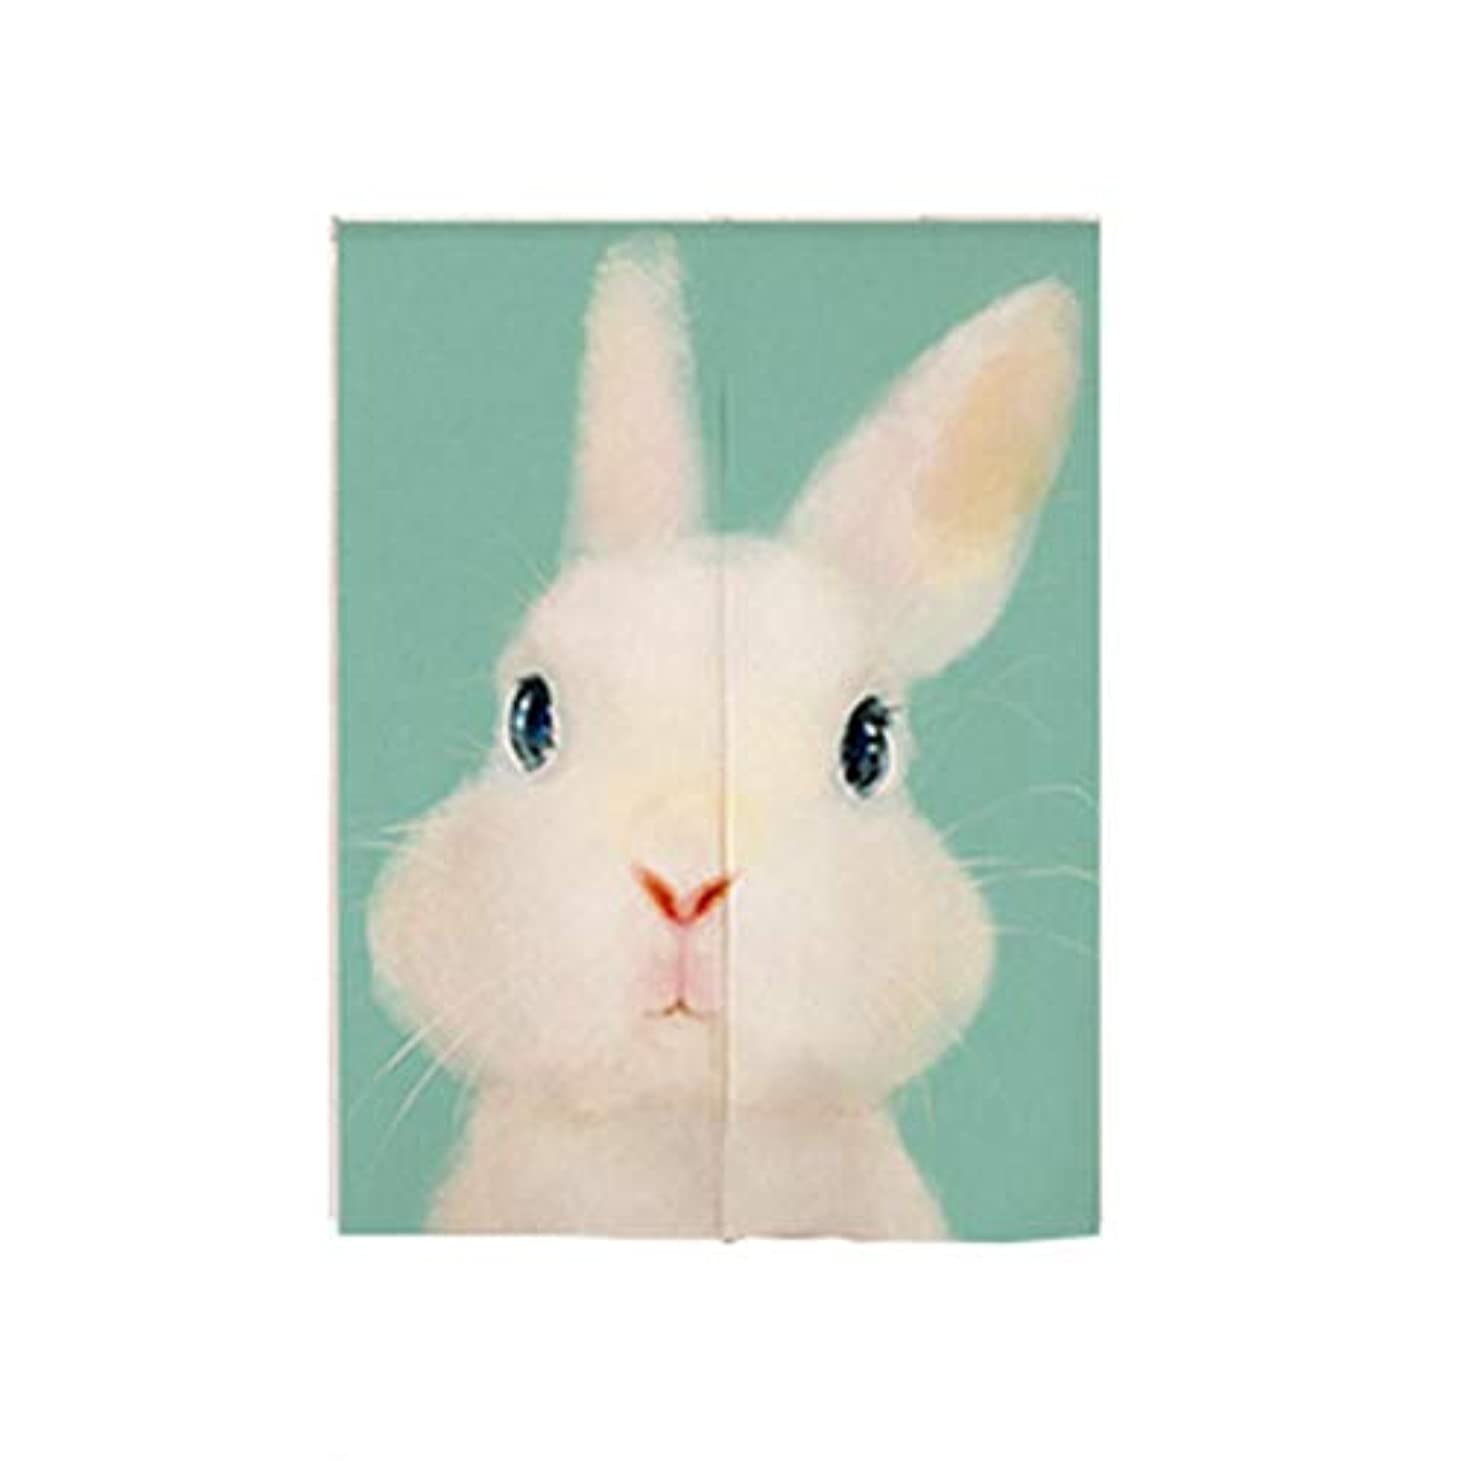 社会学シガレット登録Saikogoods かわいいかわいい漫画の動物のプリントの子供のベッドルームリビングルームコットンカーテンハーフオープンカーテンドアカーテン マルチカラーミックス